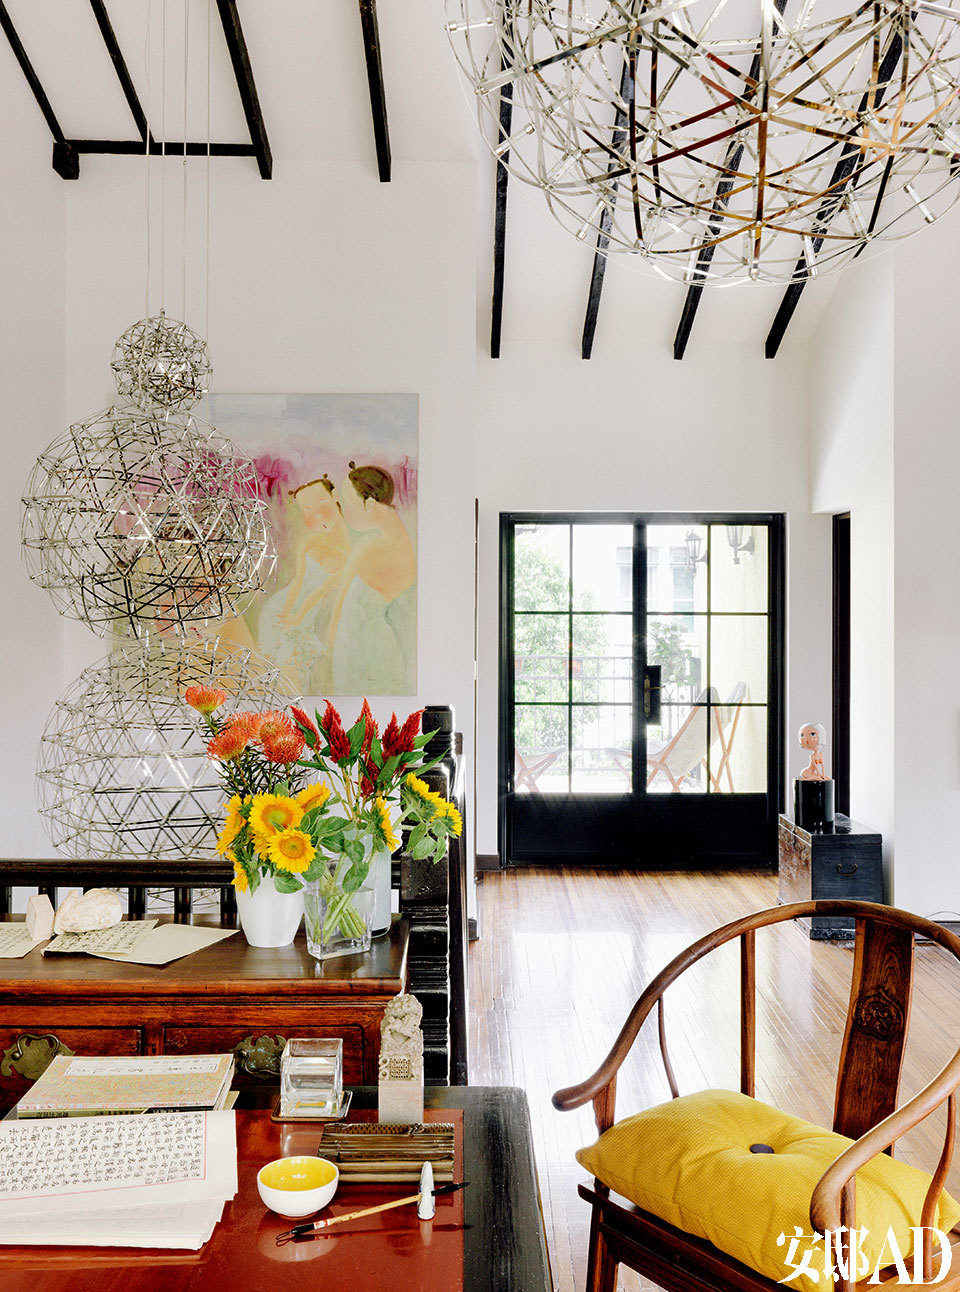 大小不一的银色球形吊灯,为老洋房带来年轻活力,通透轻盈。室内明亮的插花和墙上艺术家纪晓峰的油画《花开的季节》遥相呼应,令空间充满温情。